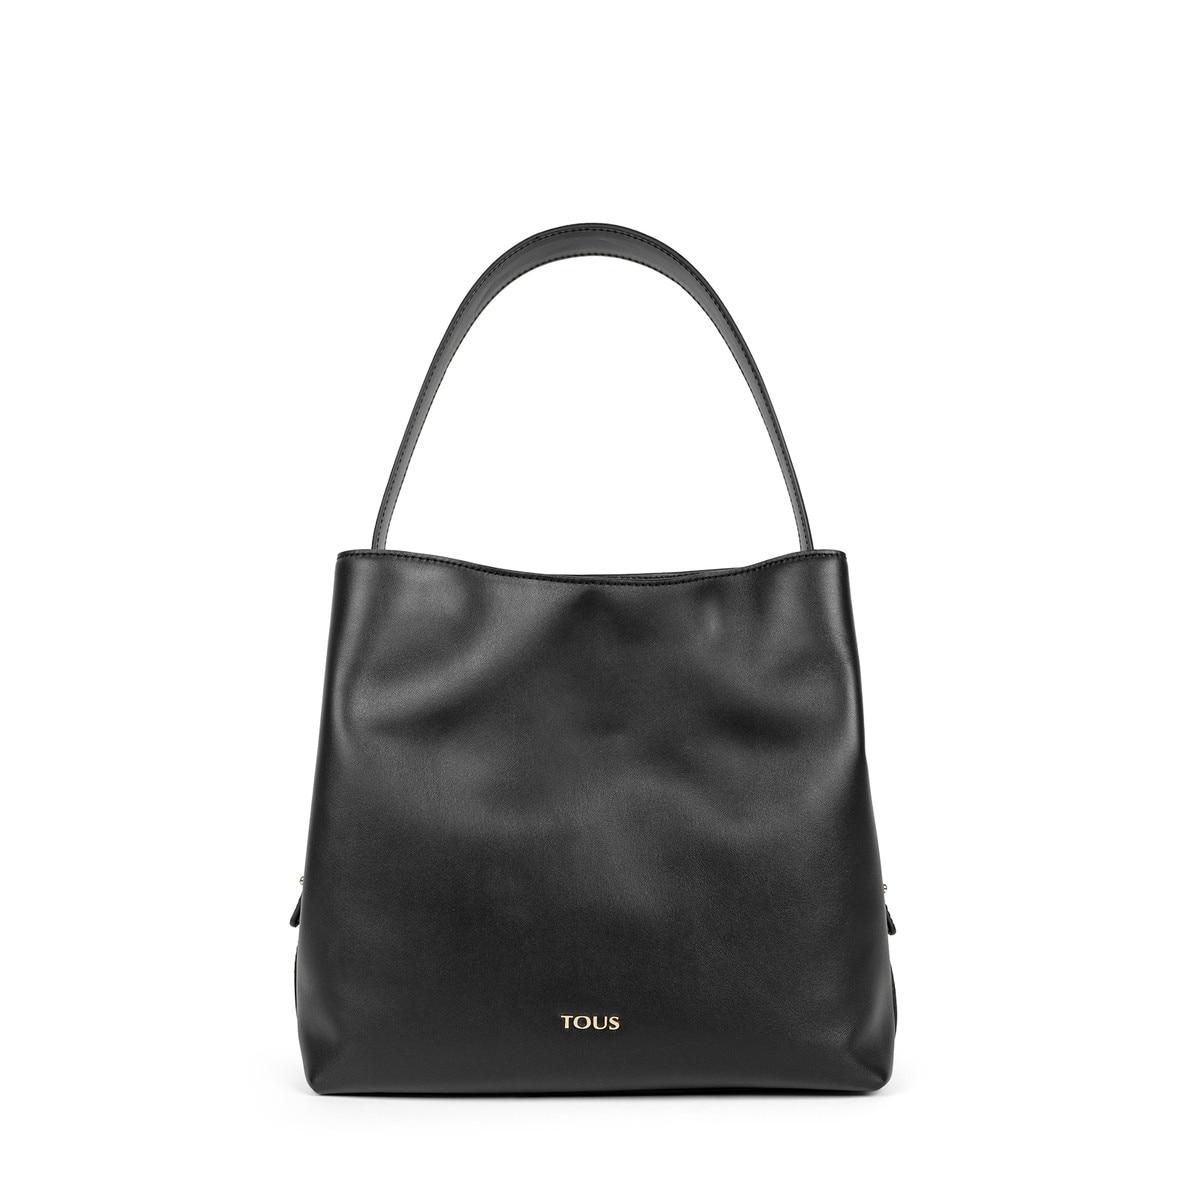 e20df7386f5c Black Leather Sibil One shoulder bag - Tous Site US